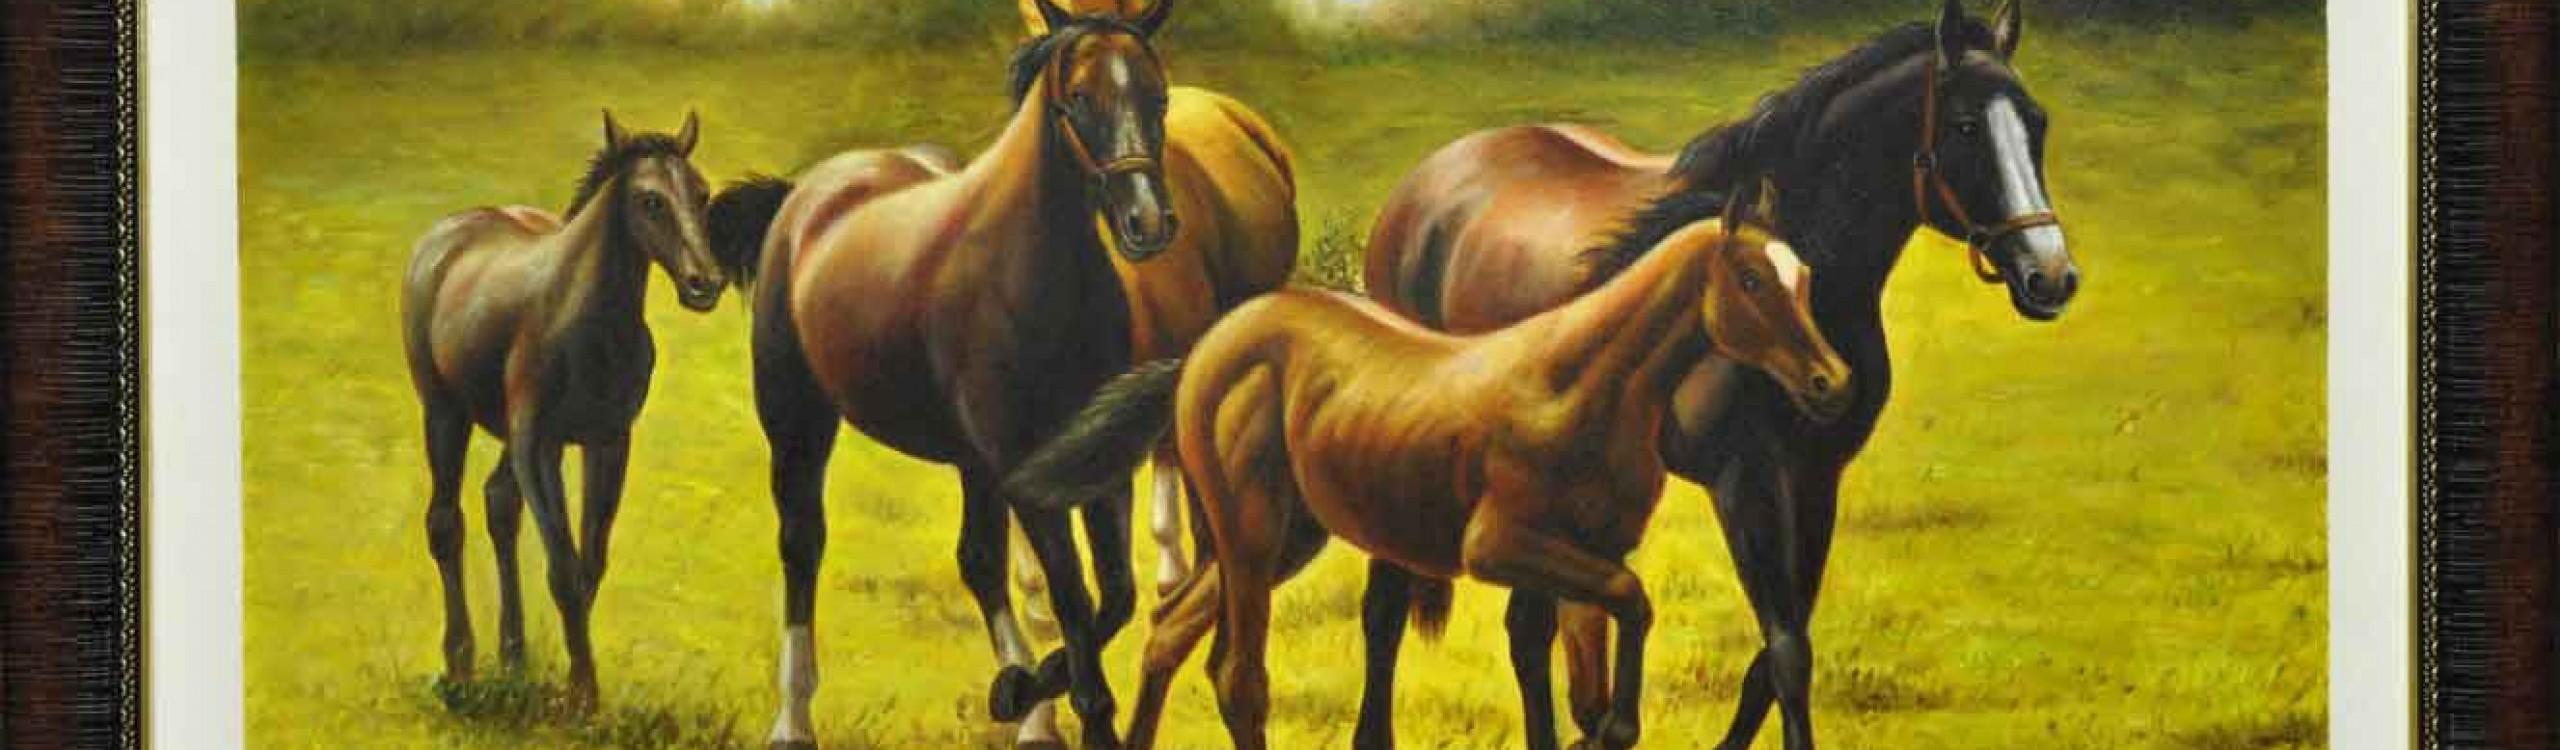 تابلوی زیبای اسب ها